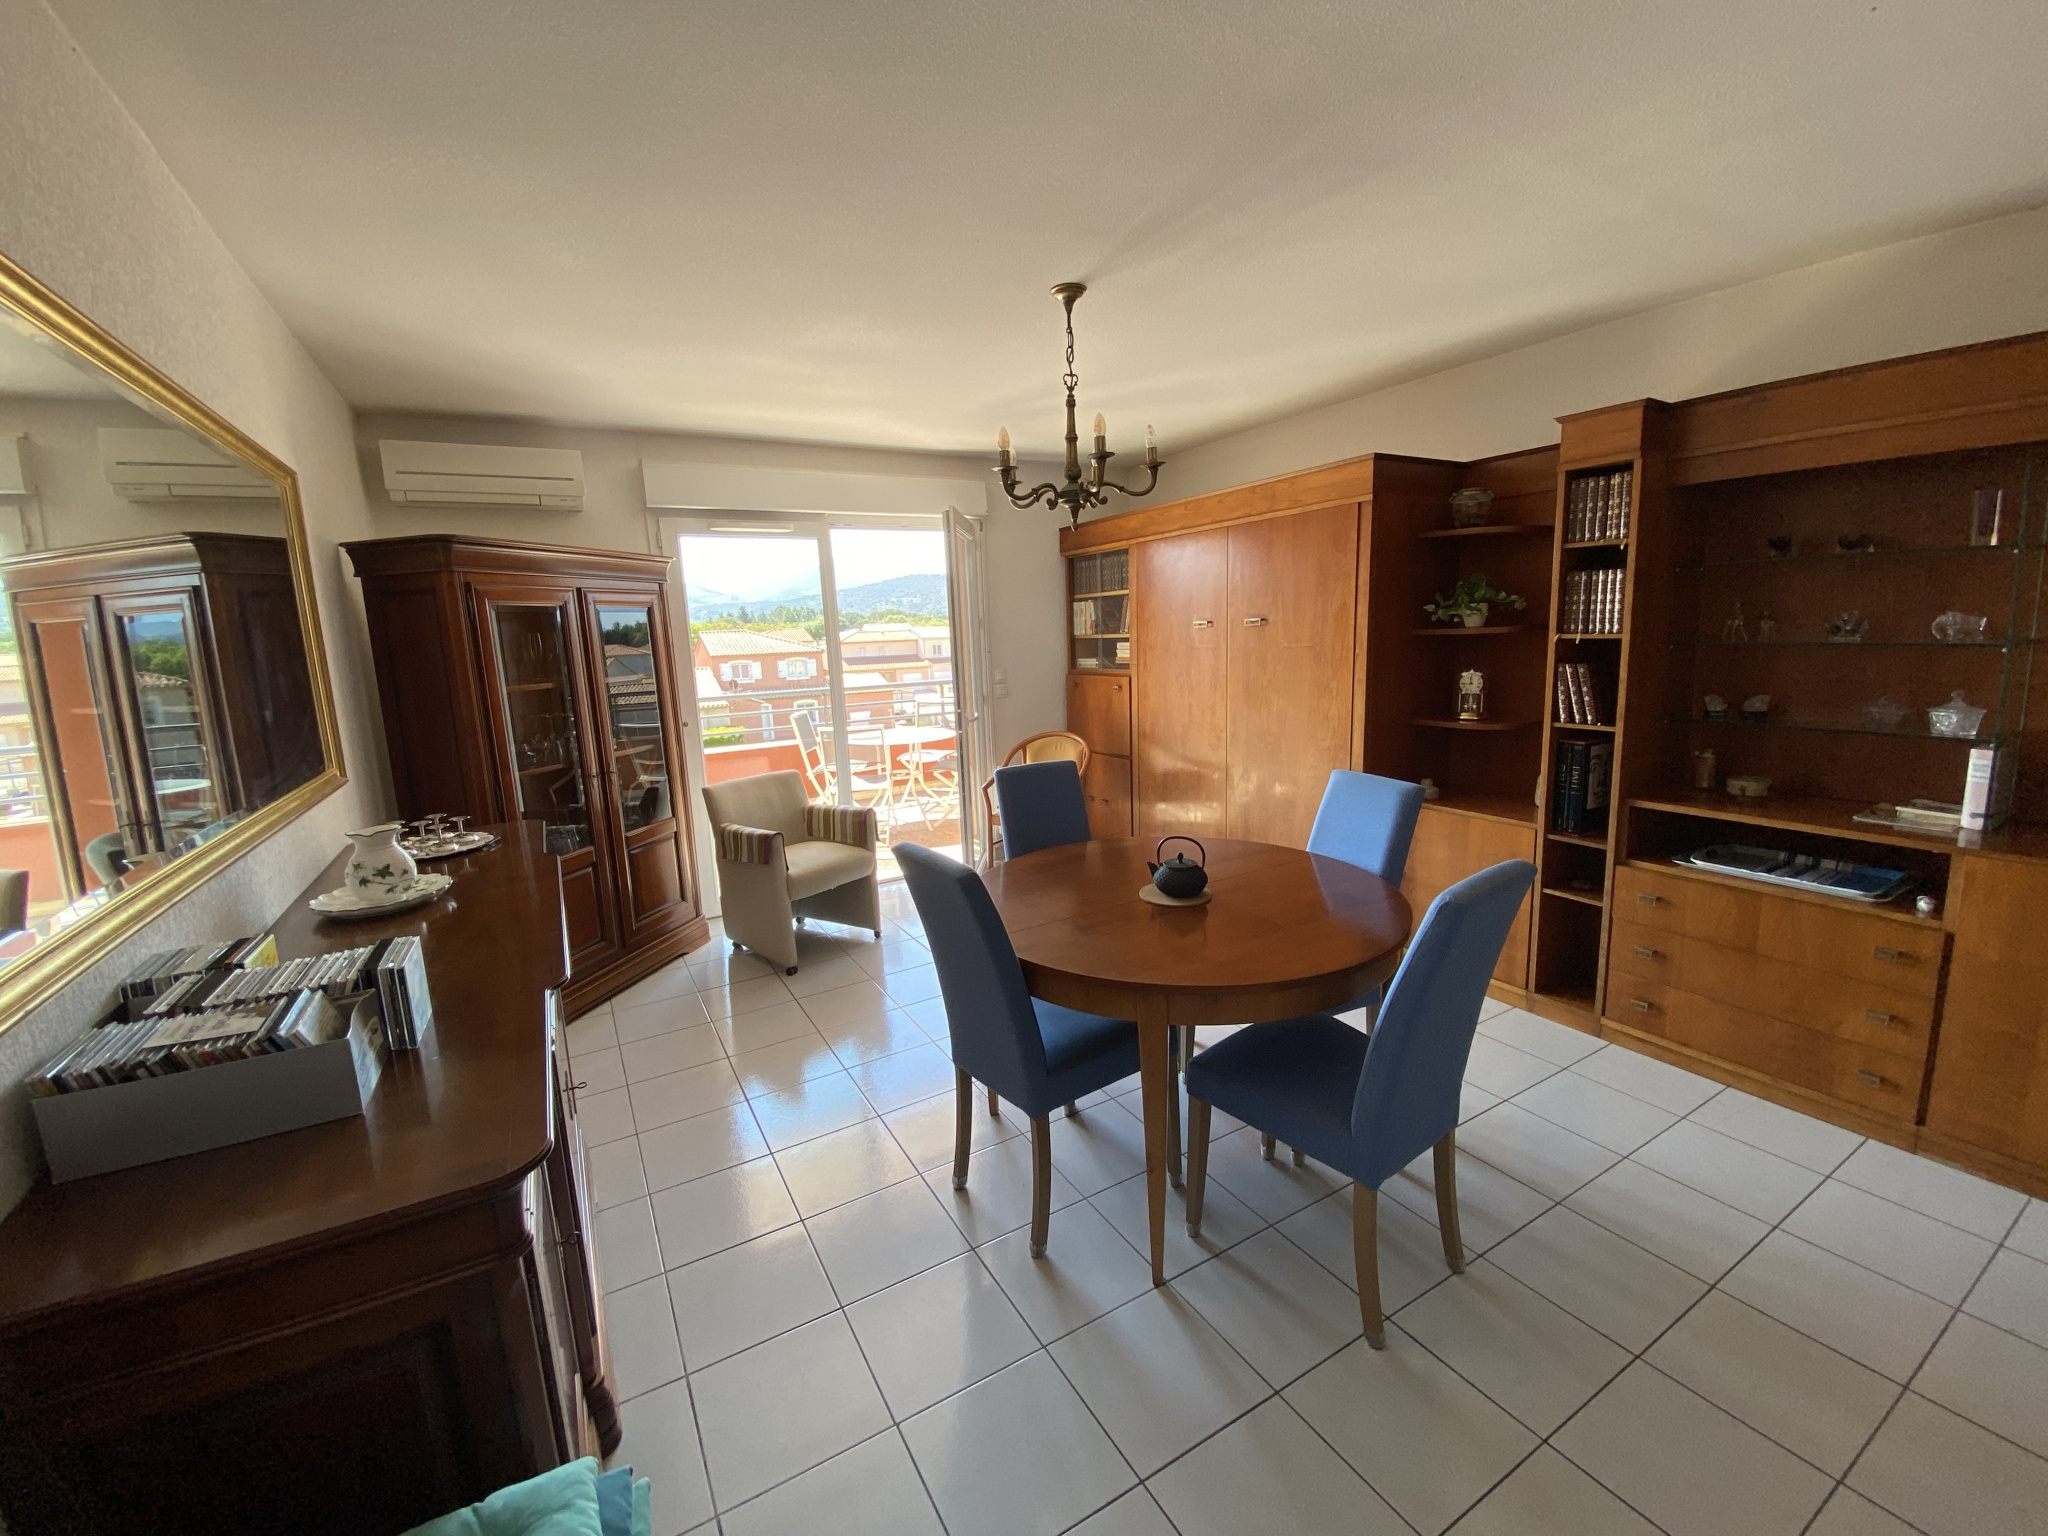 À vendre appartement de 80m2 à argeles sur mer (66700) - Photo 1'